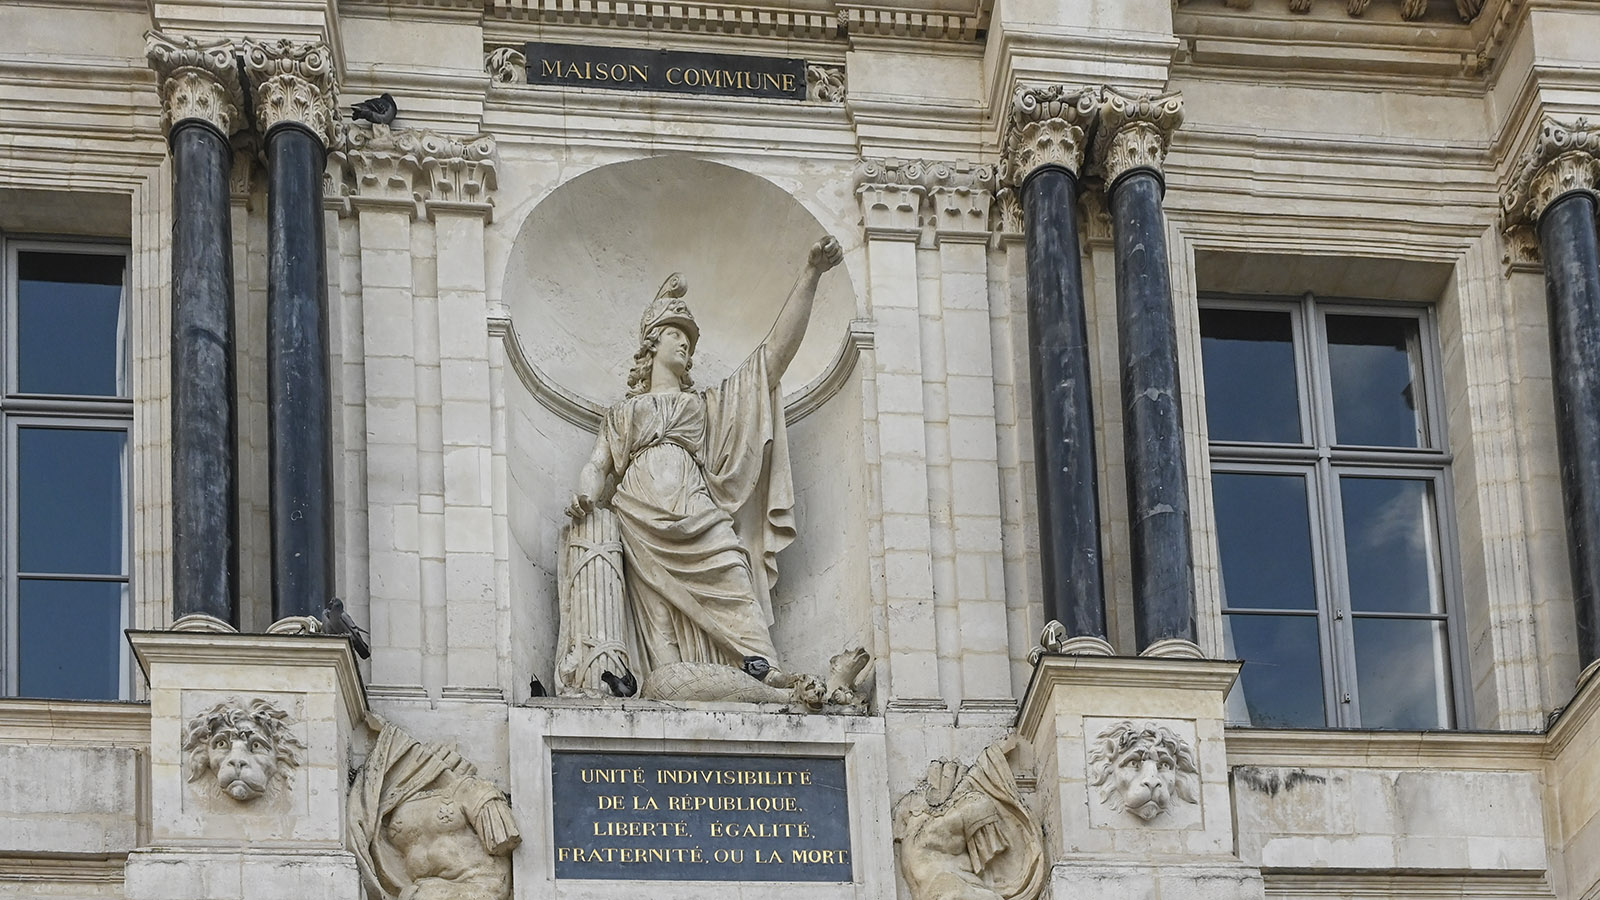 Das Rathaus von Troyes zeigt noch den vollständigen Spruch der Französischen Revolution. Foto: Hilke Maunder